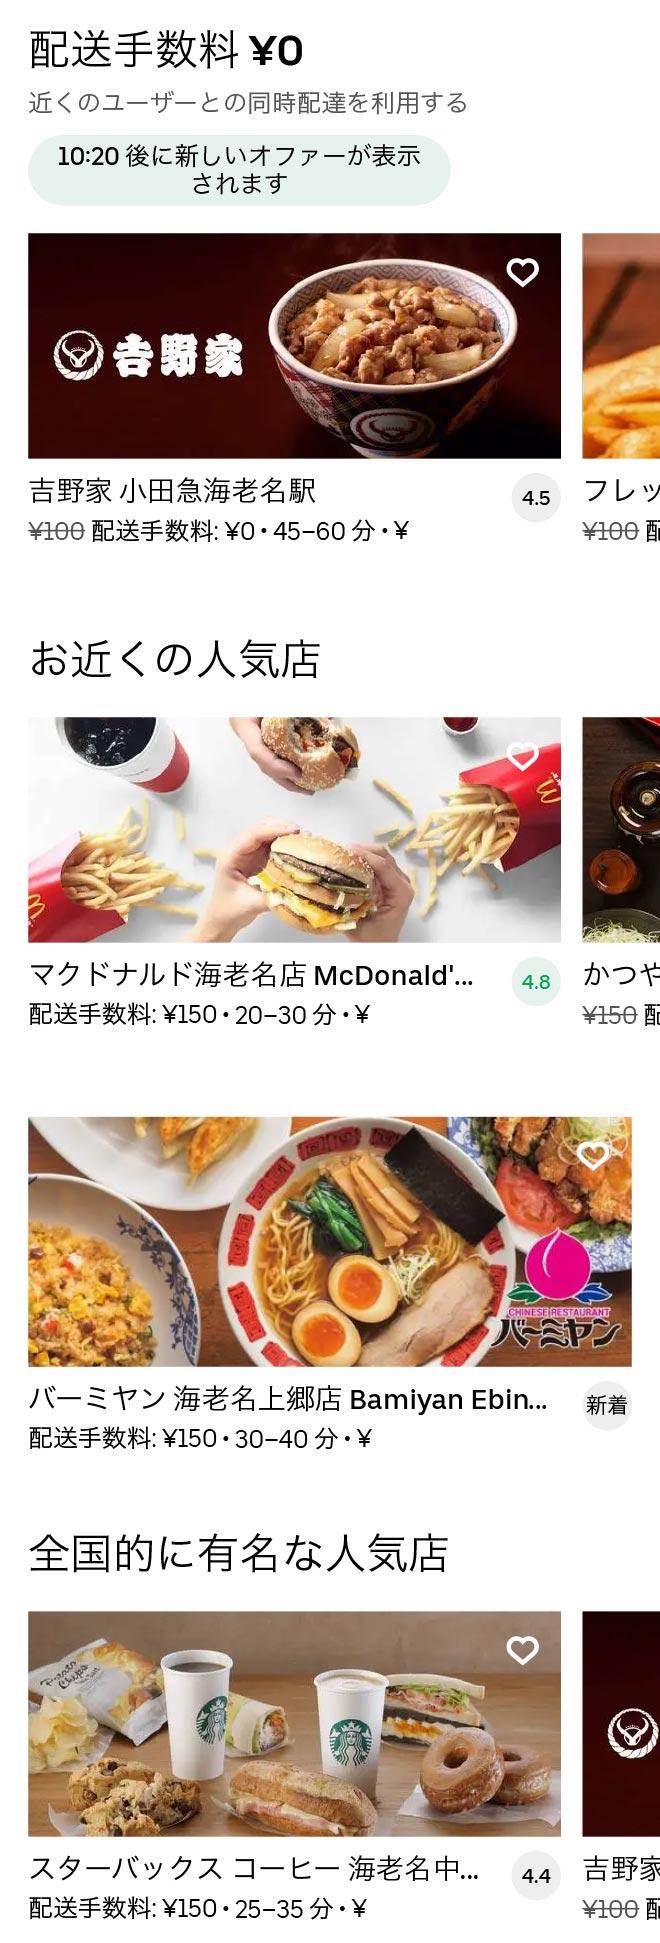 Ebina menu 2010 01